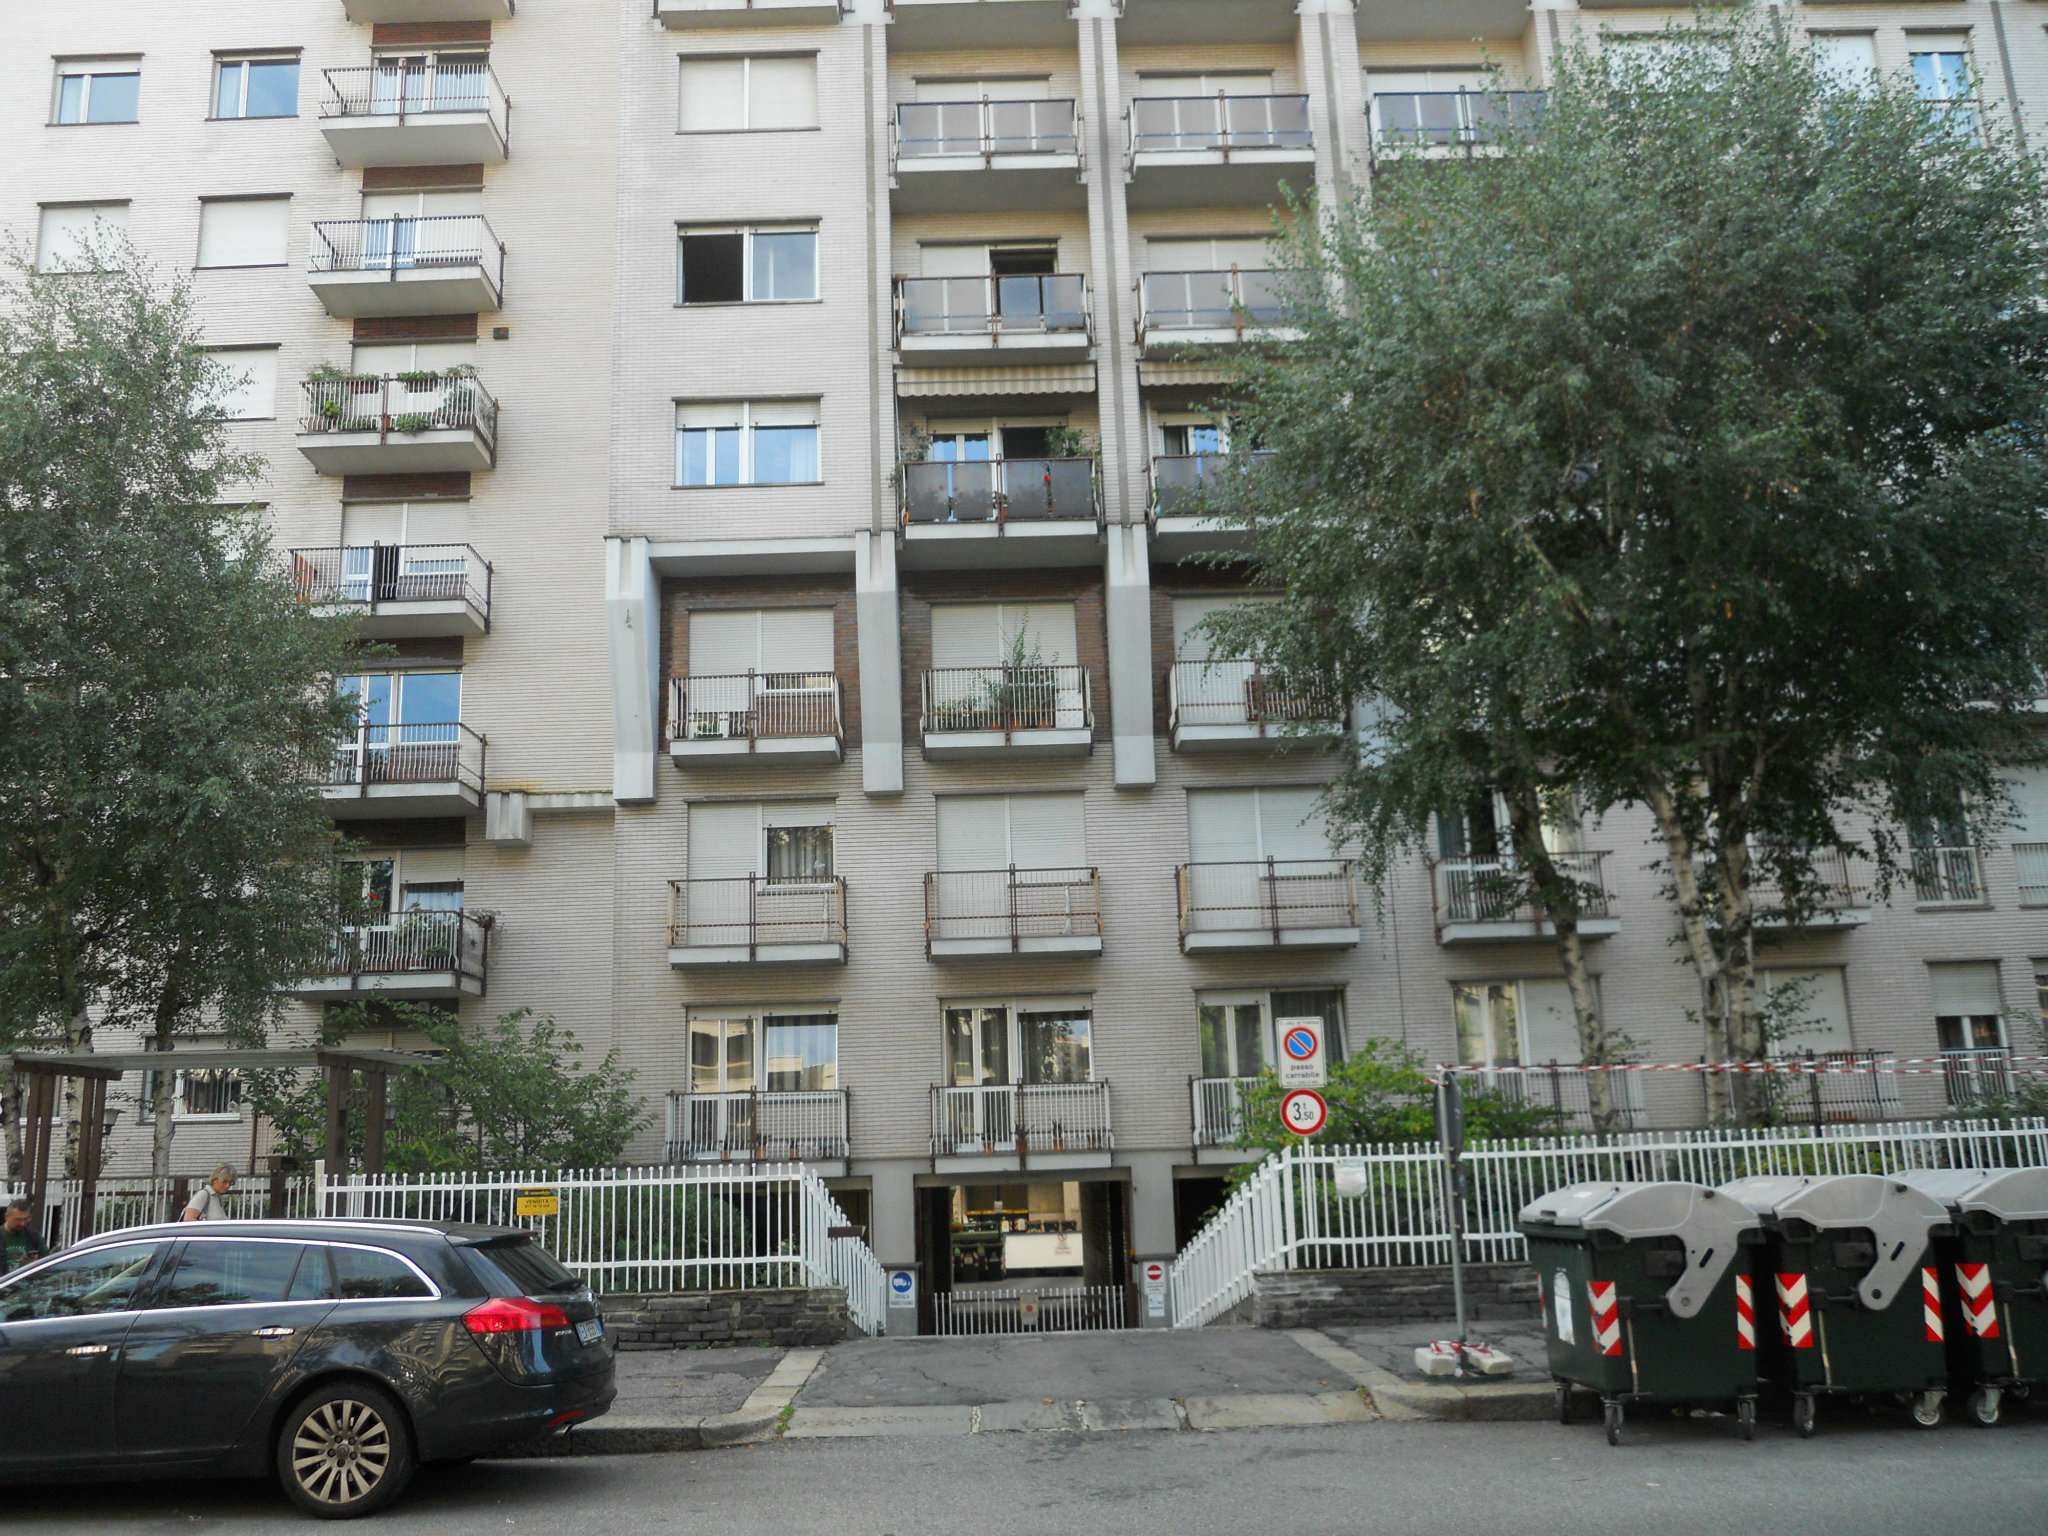 Magazzino in vendita a Torino, 3 locali, zona Zona: 15 . Pozzo Strada, Parella, prezzo € 150.000 | Cambio Casa.it